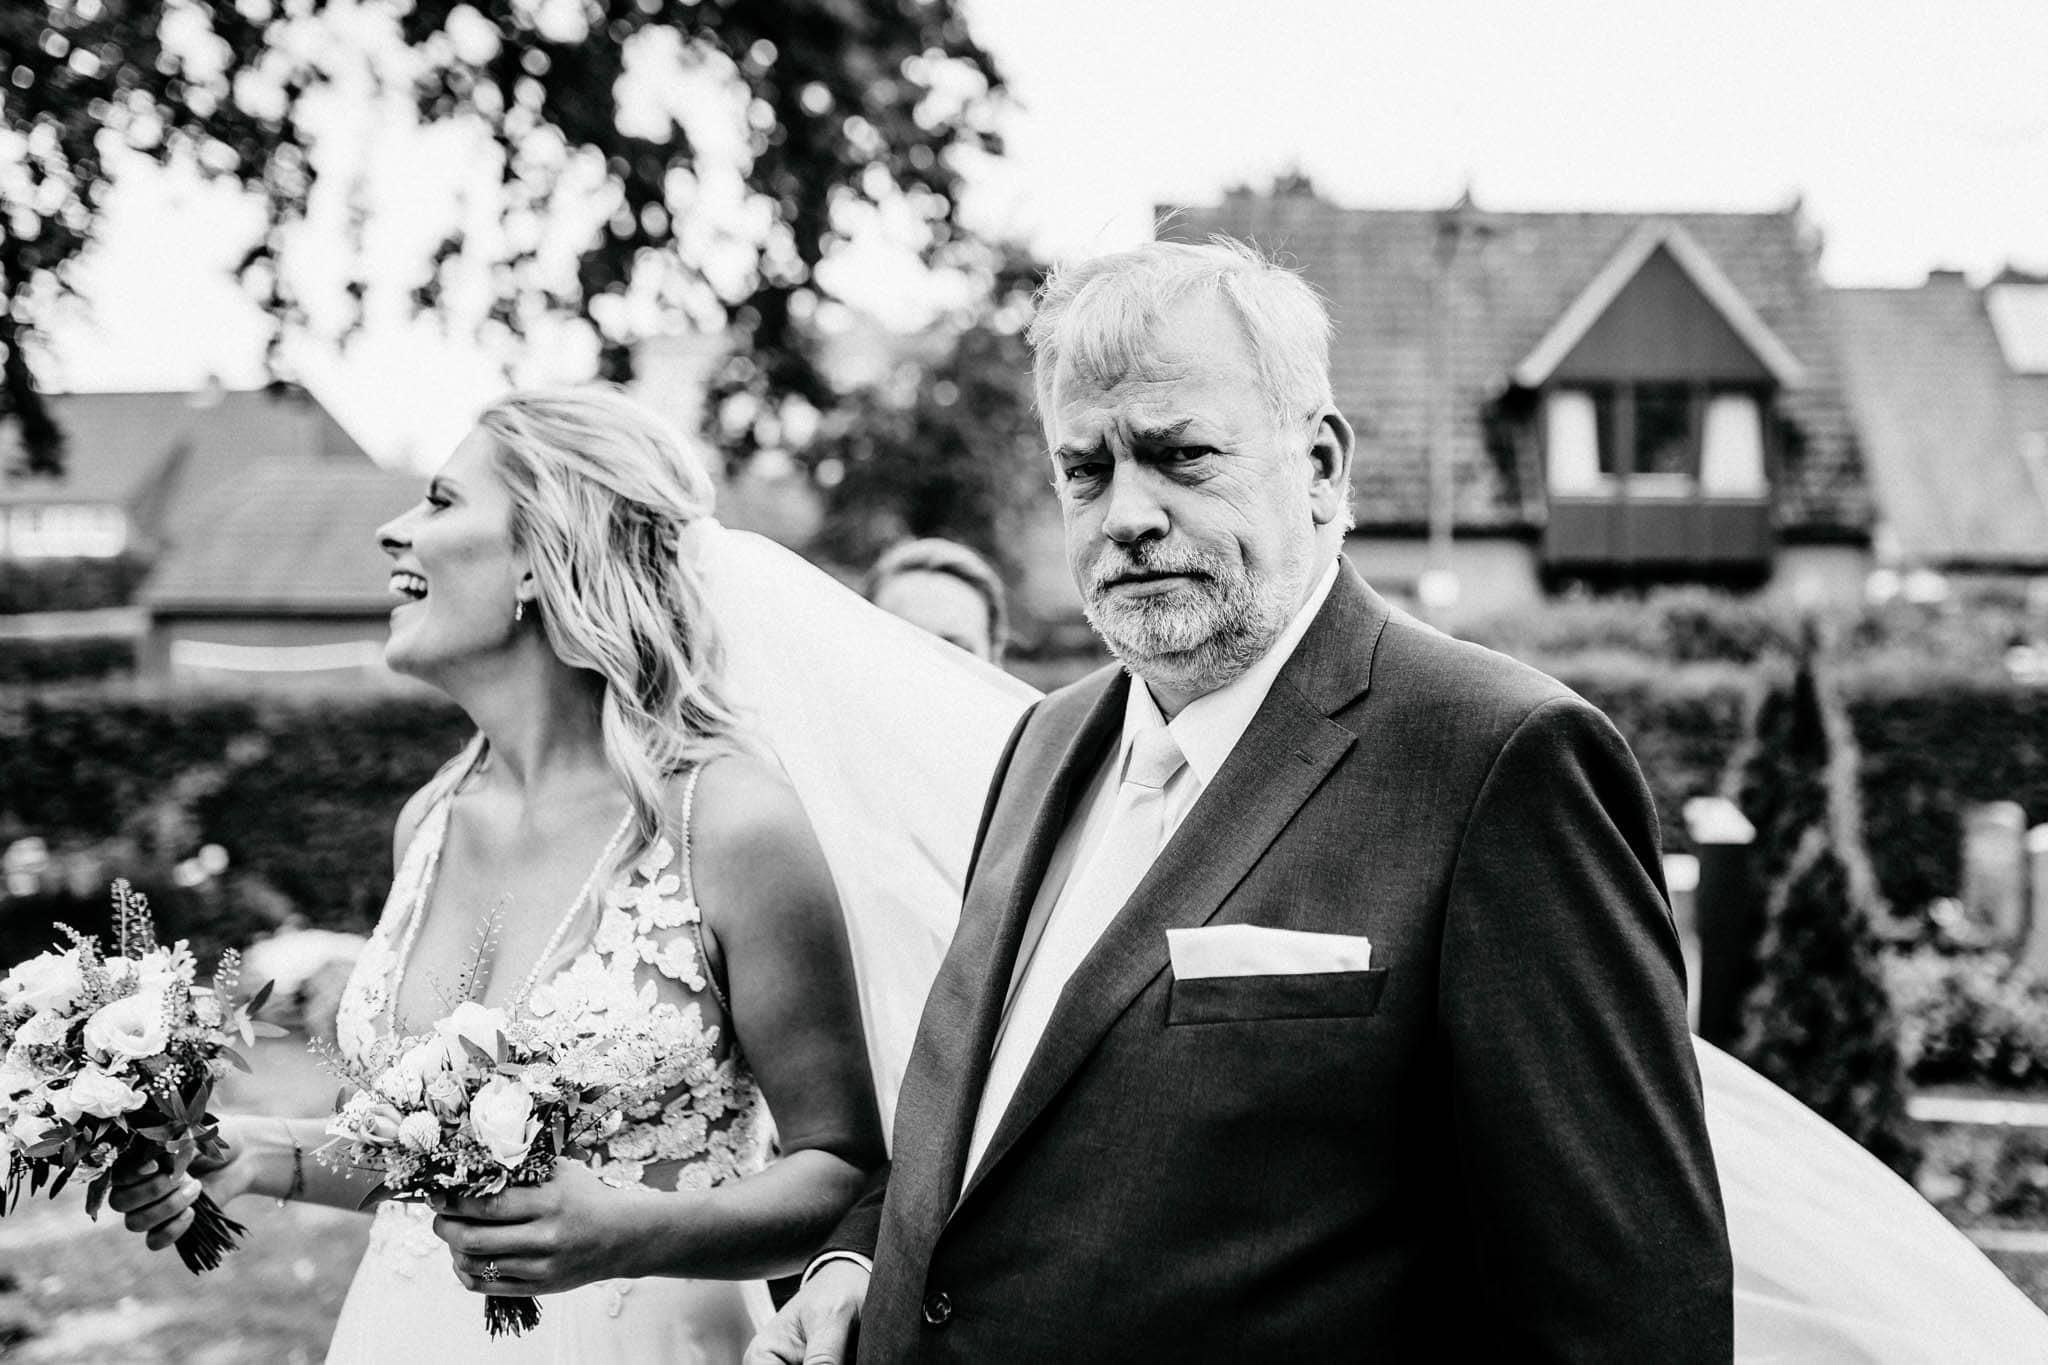 Hochzeitsfieber by Photo-Schomburg, Hochzeitsfotograf, Hamburg, Bremen, Hochzeitstag, Hochzeitspaar, Braut, Bräutigam, Bremen-Kränholm,Knoops Park-81